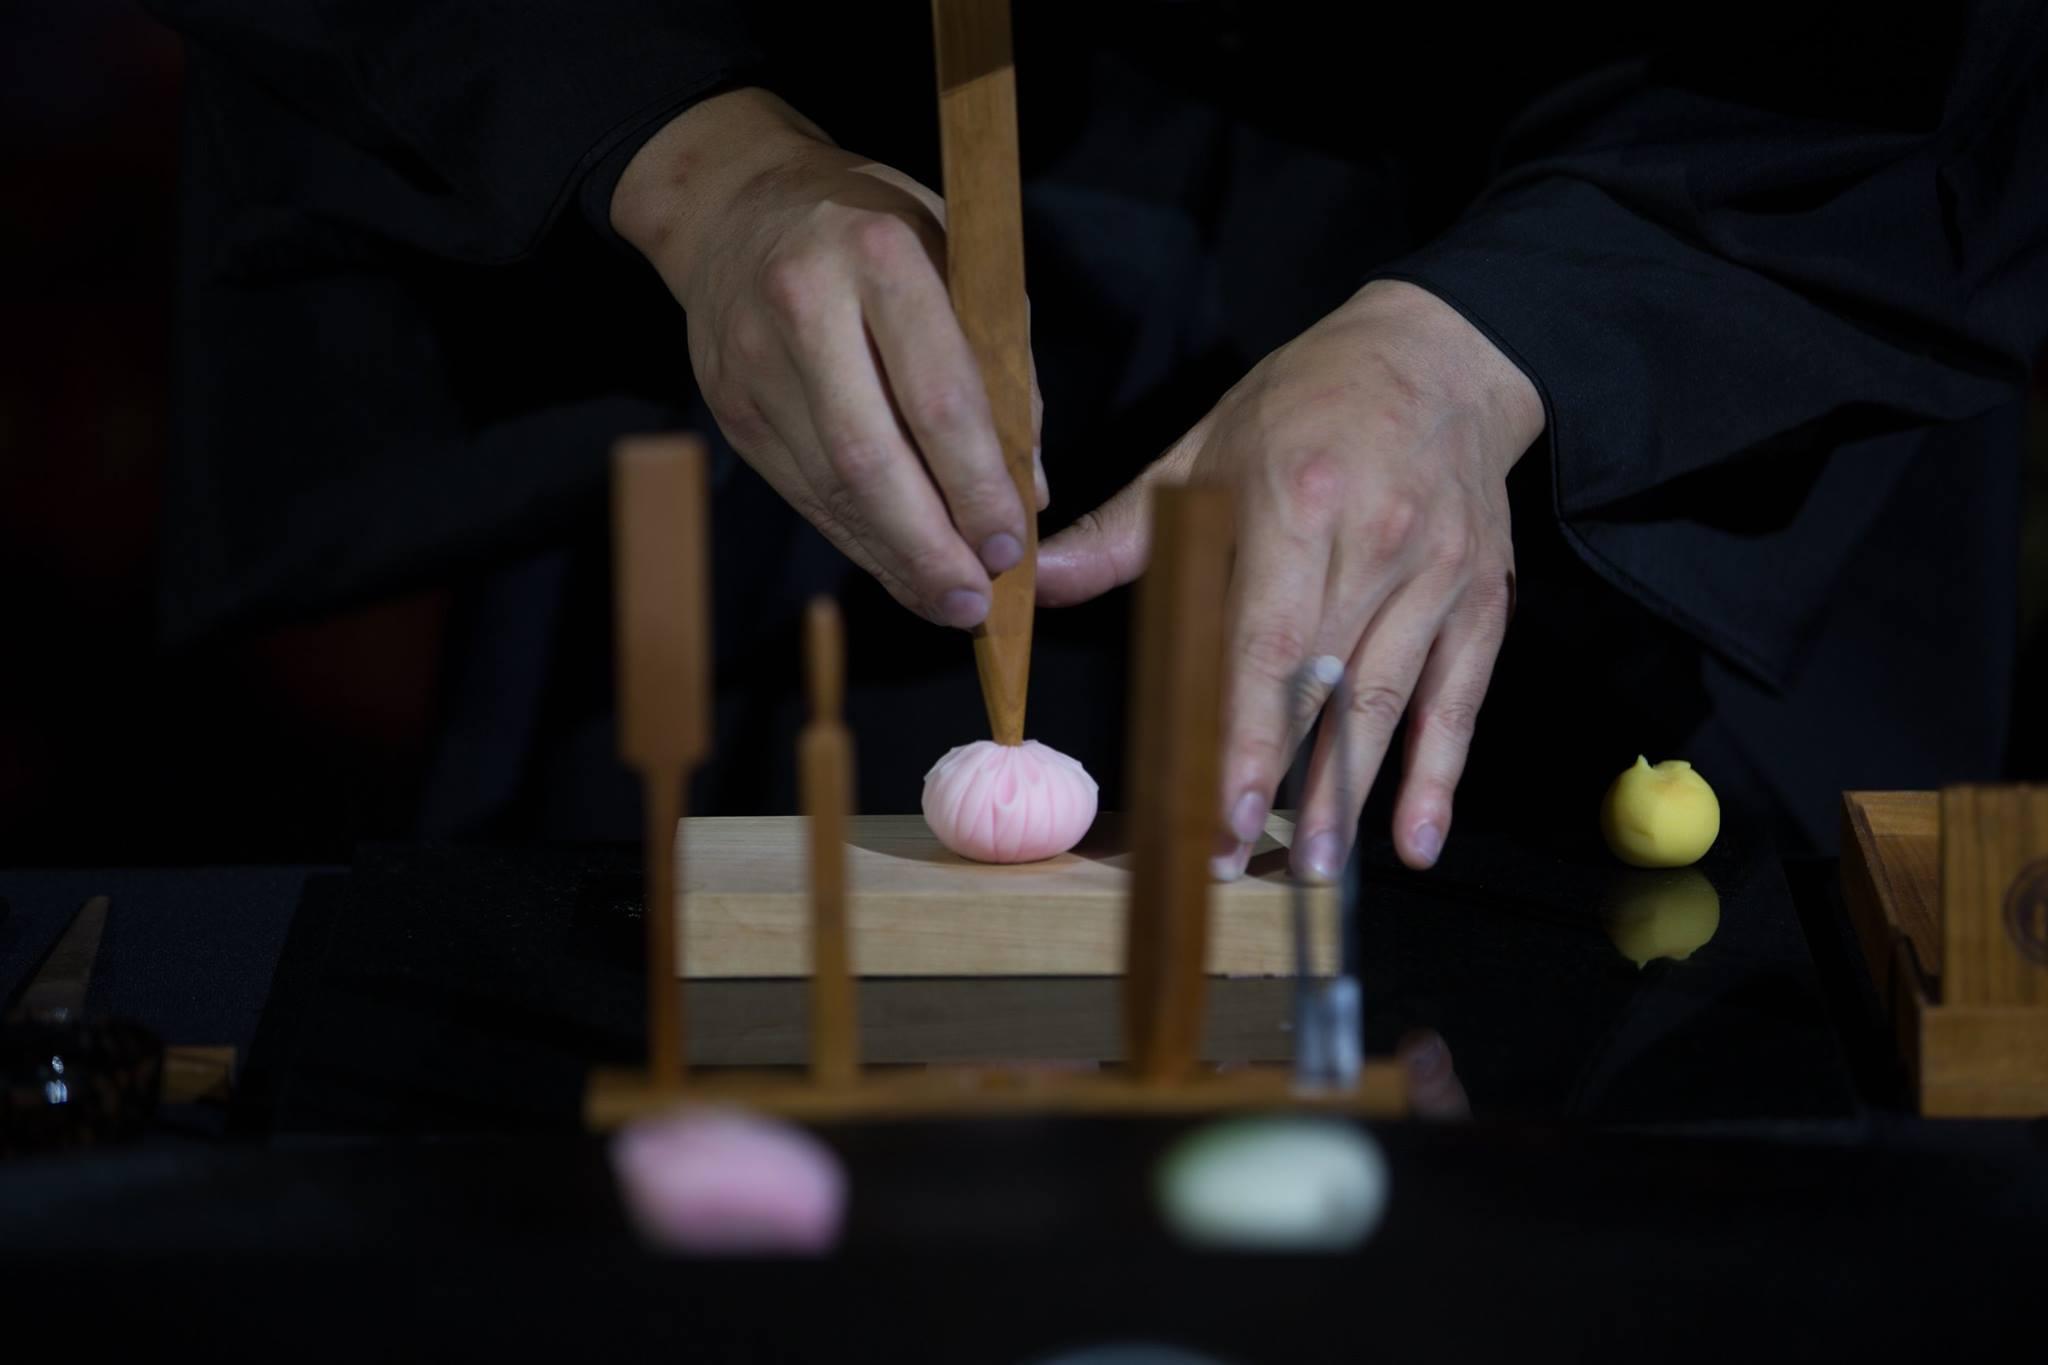 Wagashi Master Junichi Mitsubori